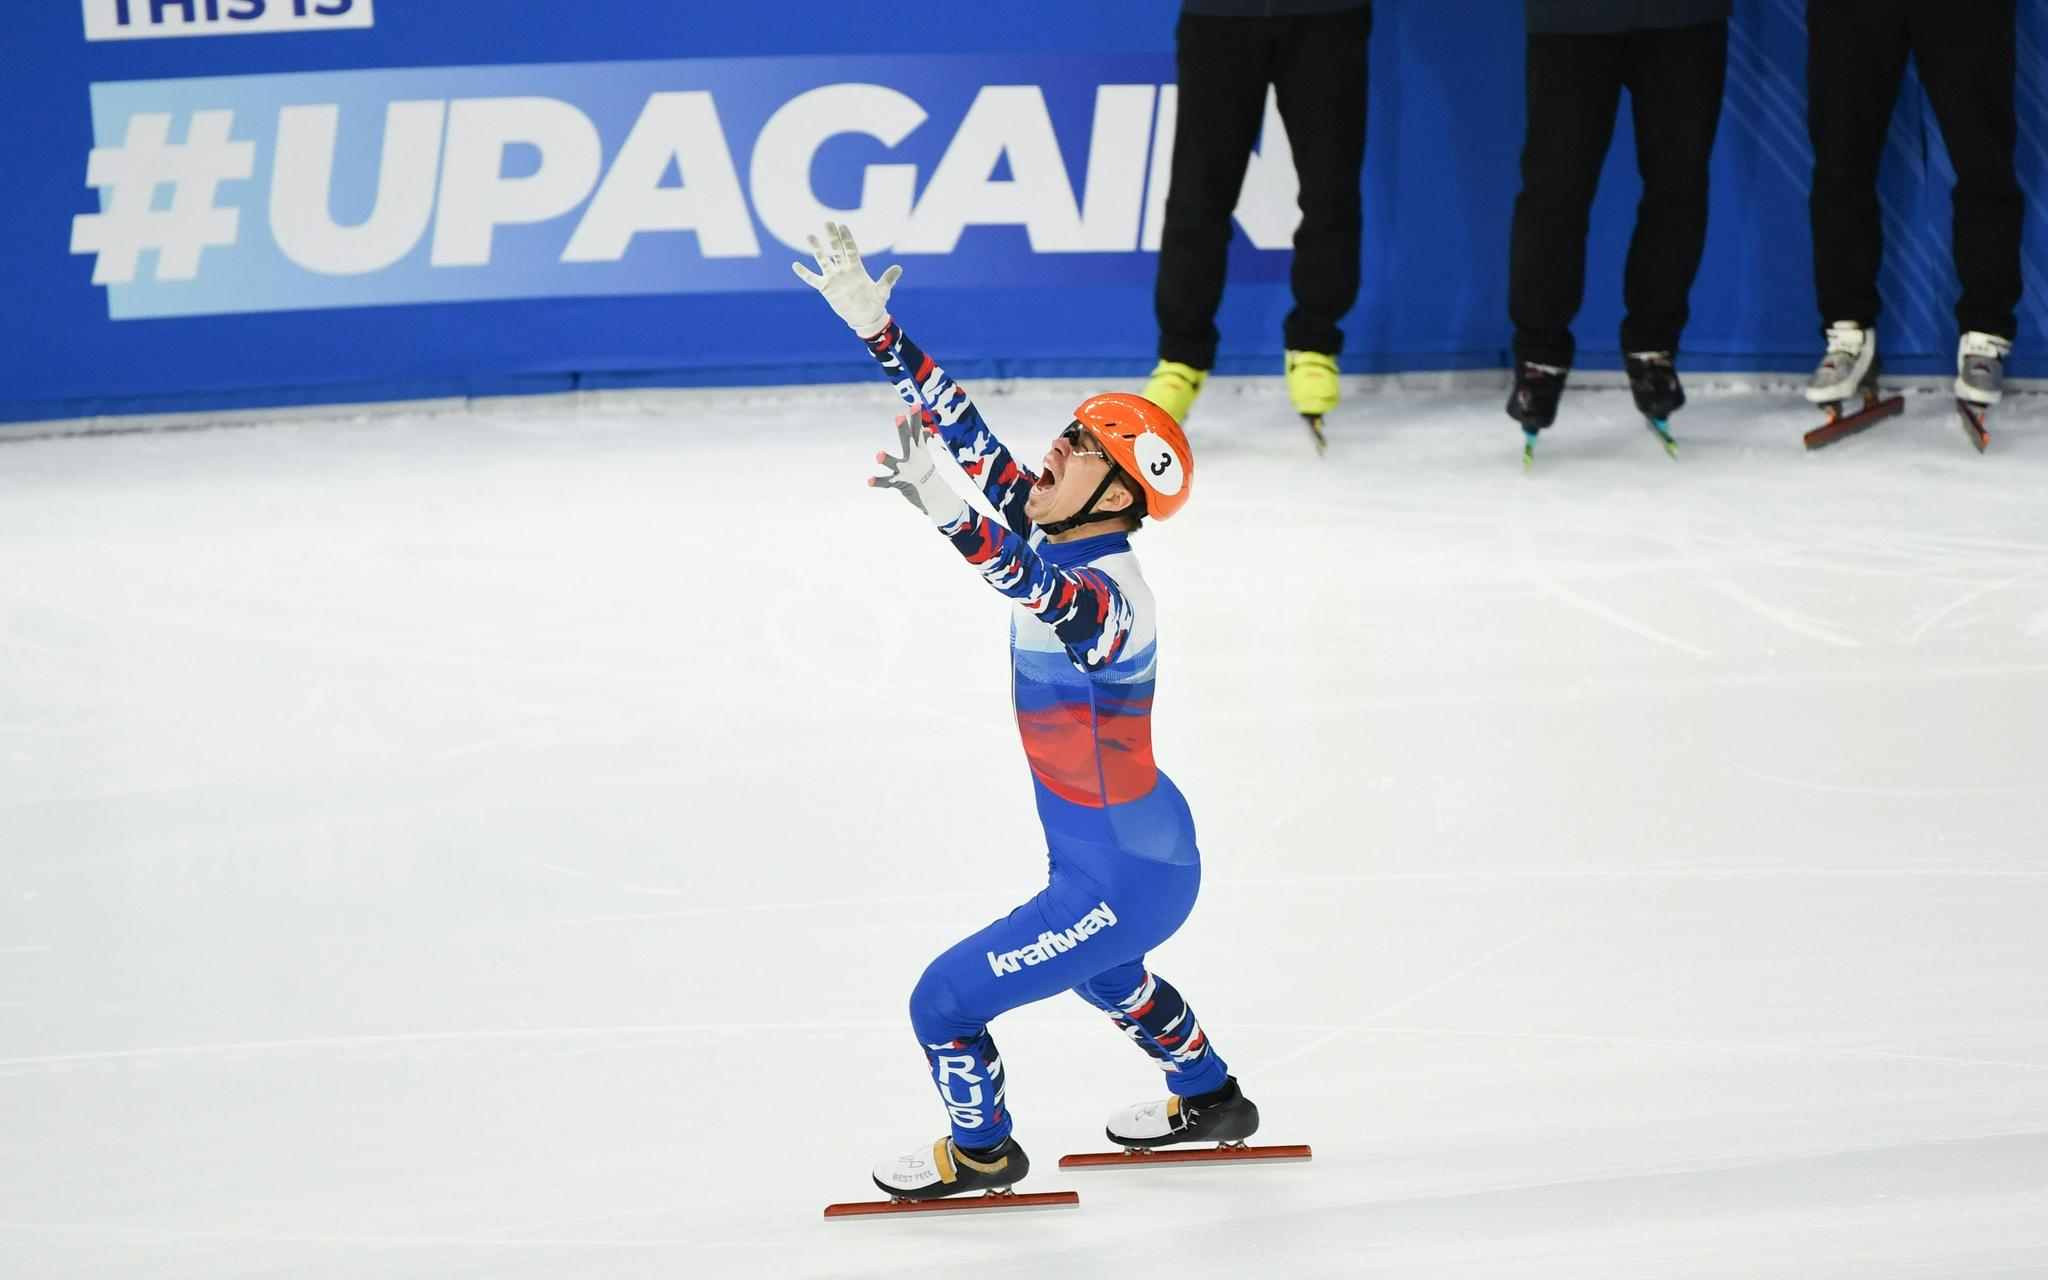 俄奥委会主席:216名俄罗斯运动员将参加冬奥会